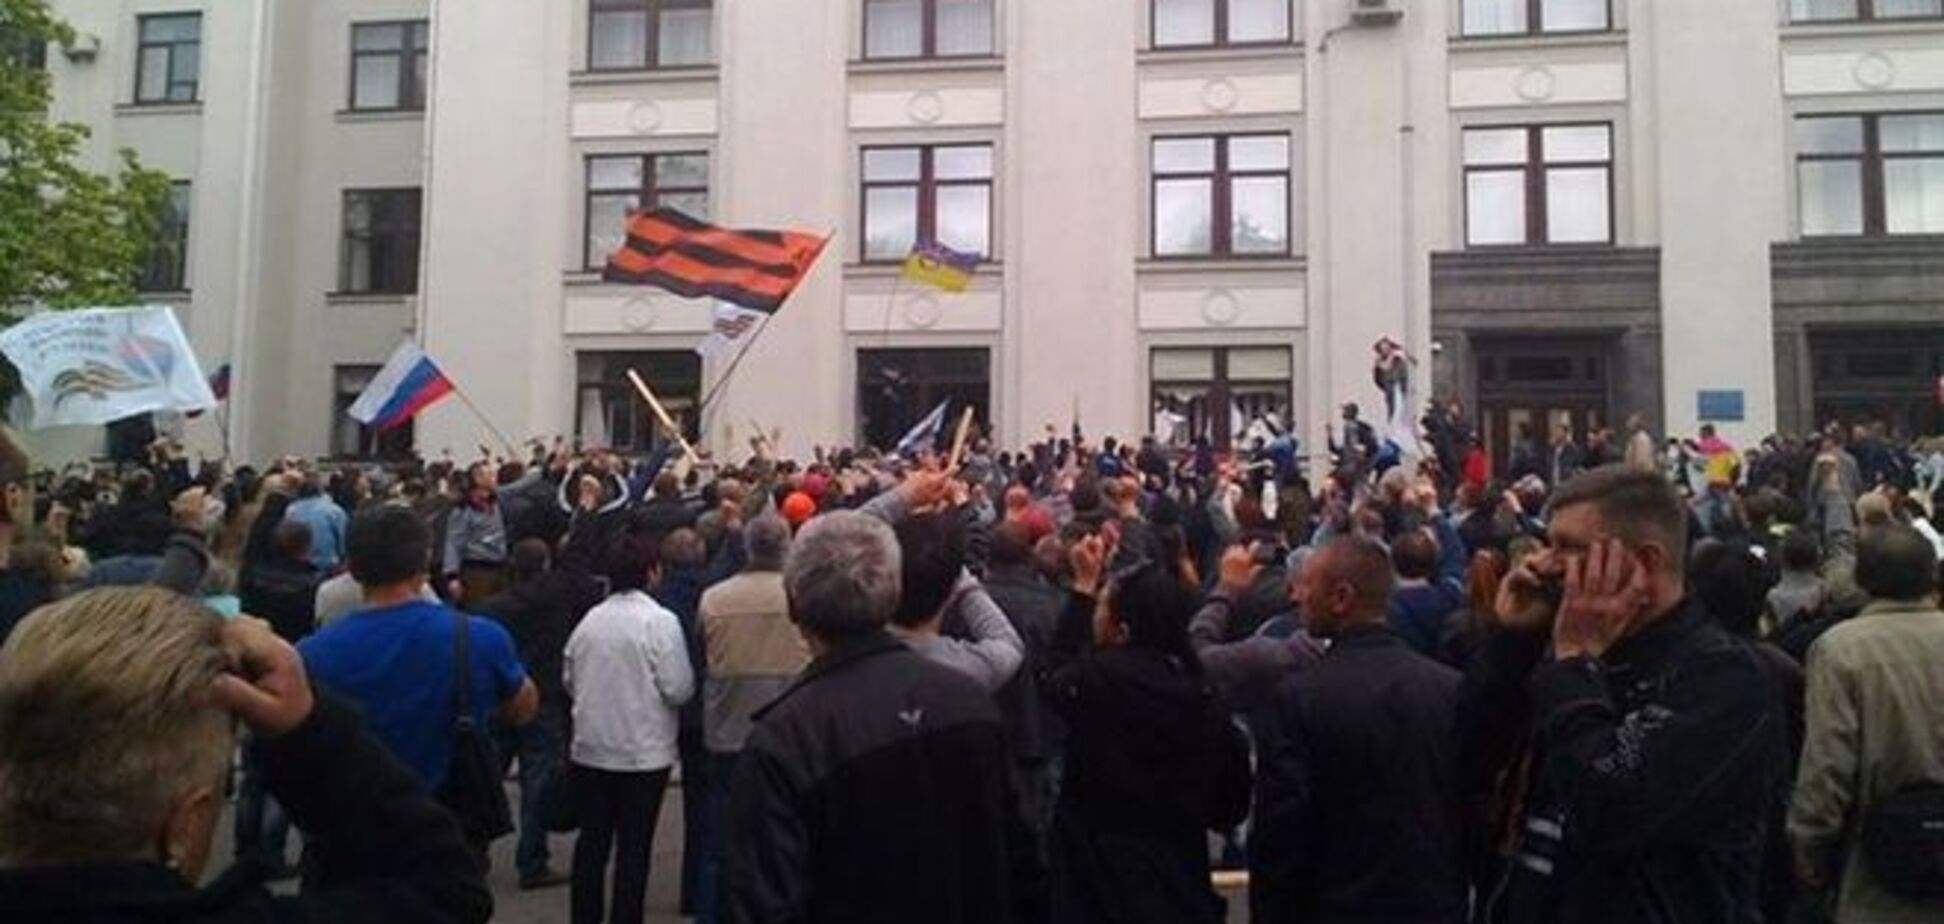 Нацгвардия покинула здание Луганской ОГА, террористы намерены штурмовать прокуратуру